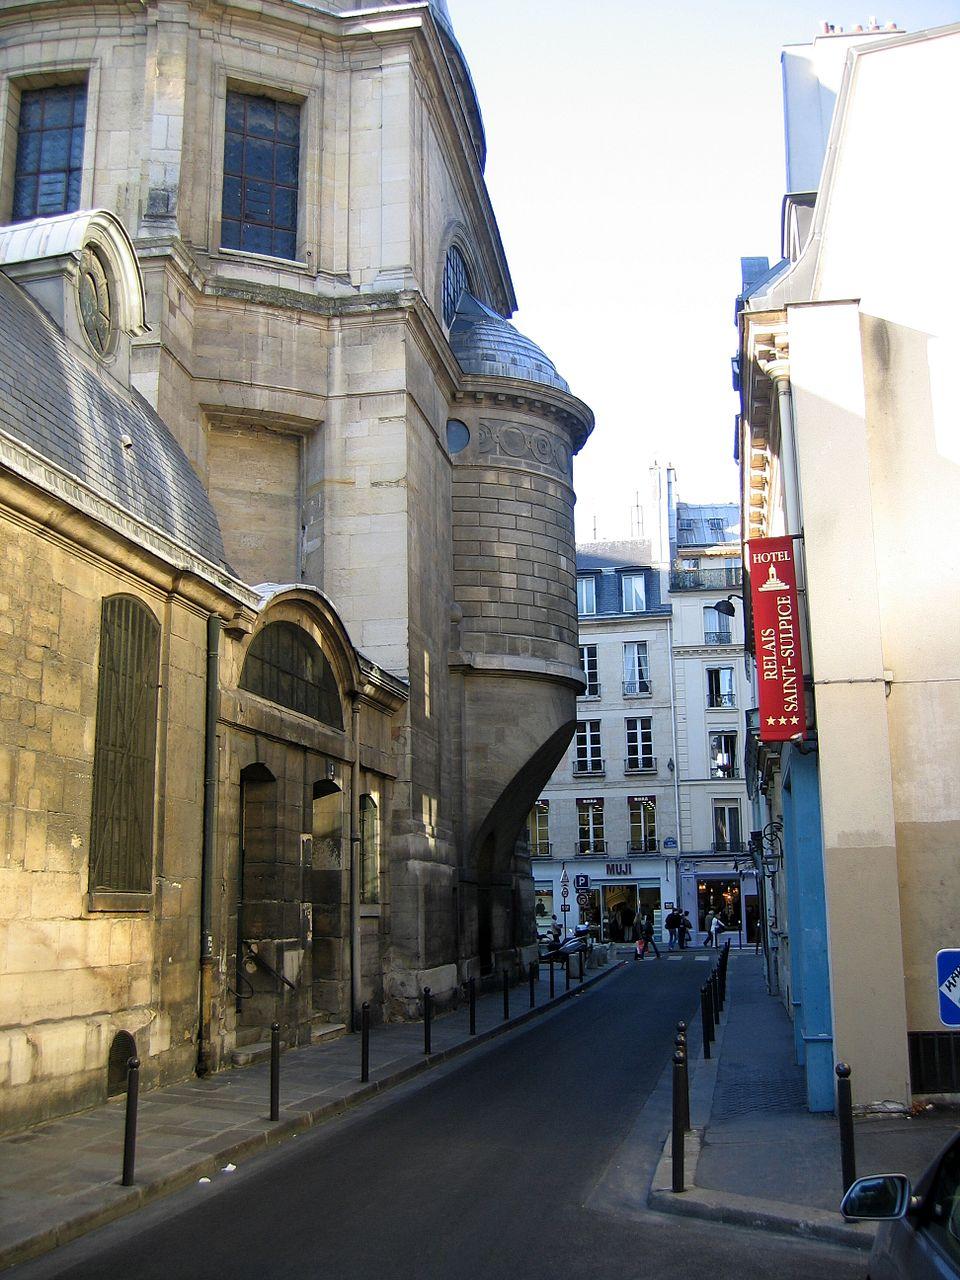 Улица Гарансьер в Париже. Современный вид